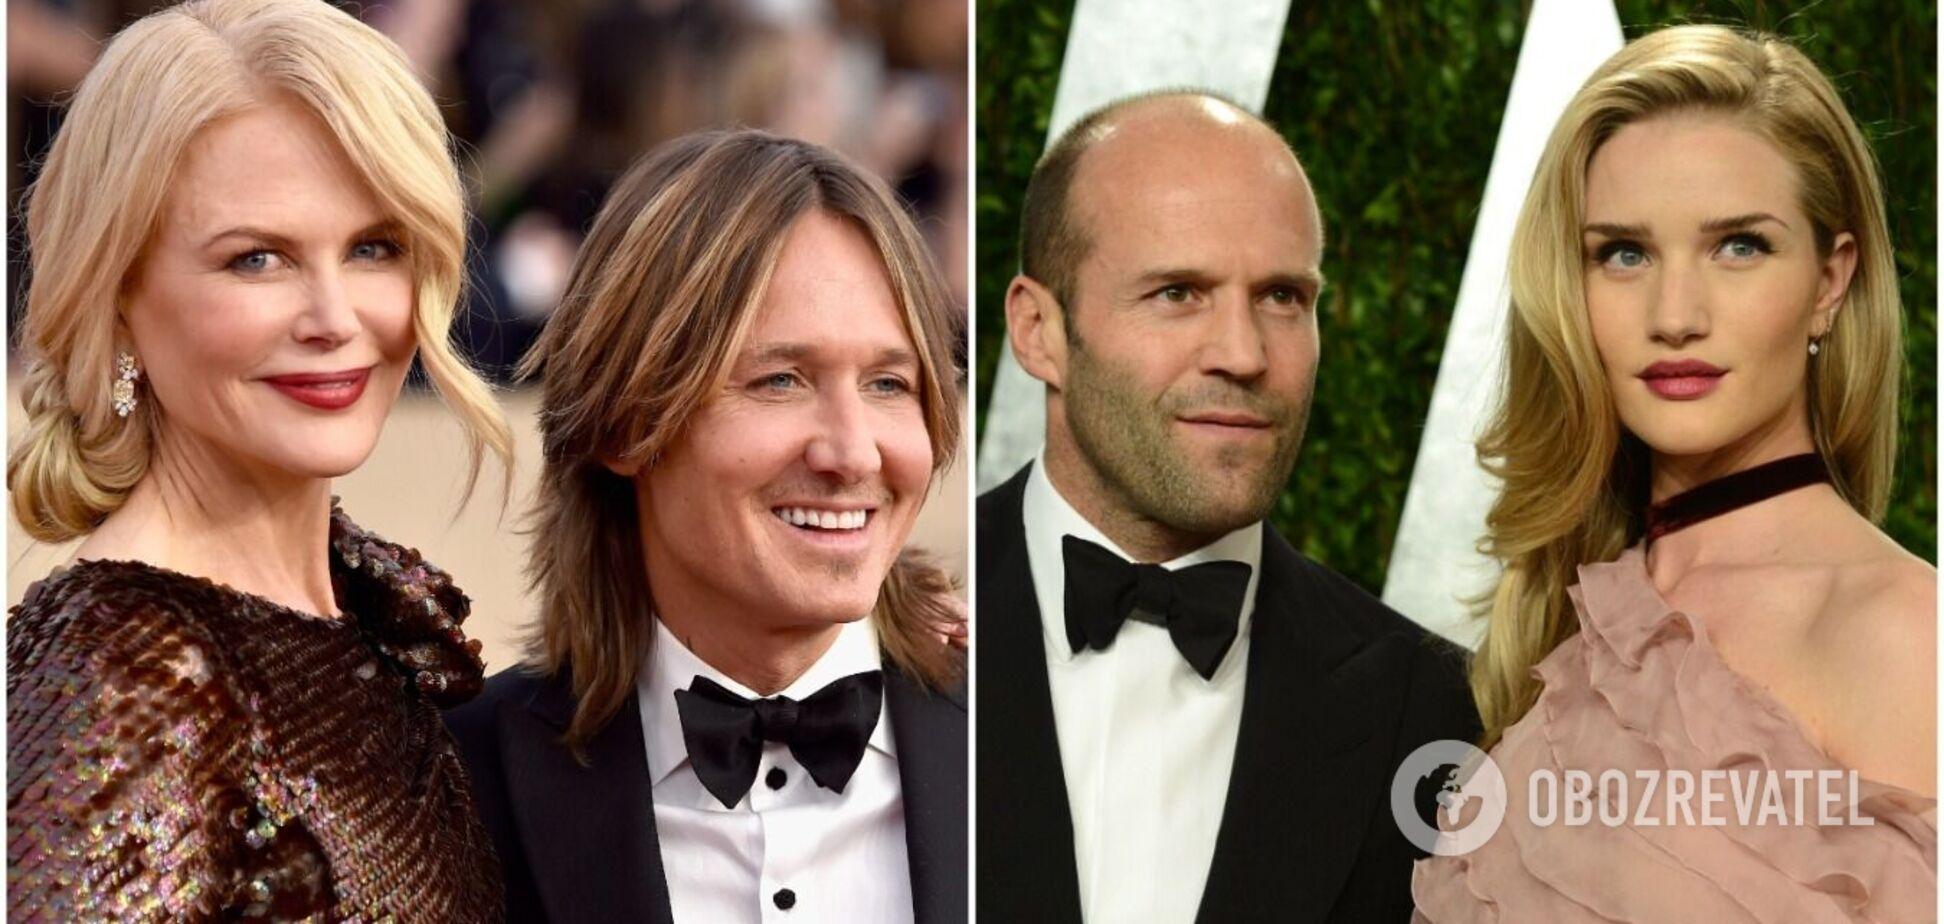 Самые известные звездные пары, в которых мужчина ниже своей избранницы. Фото